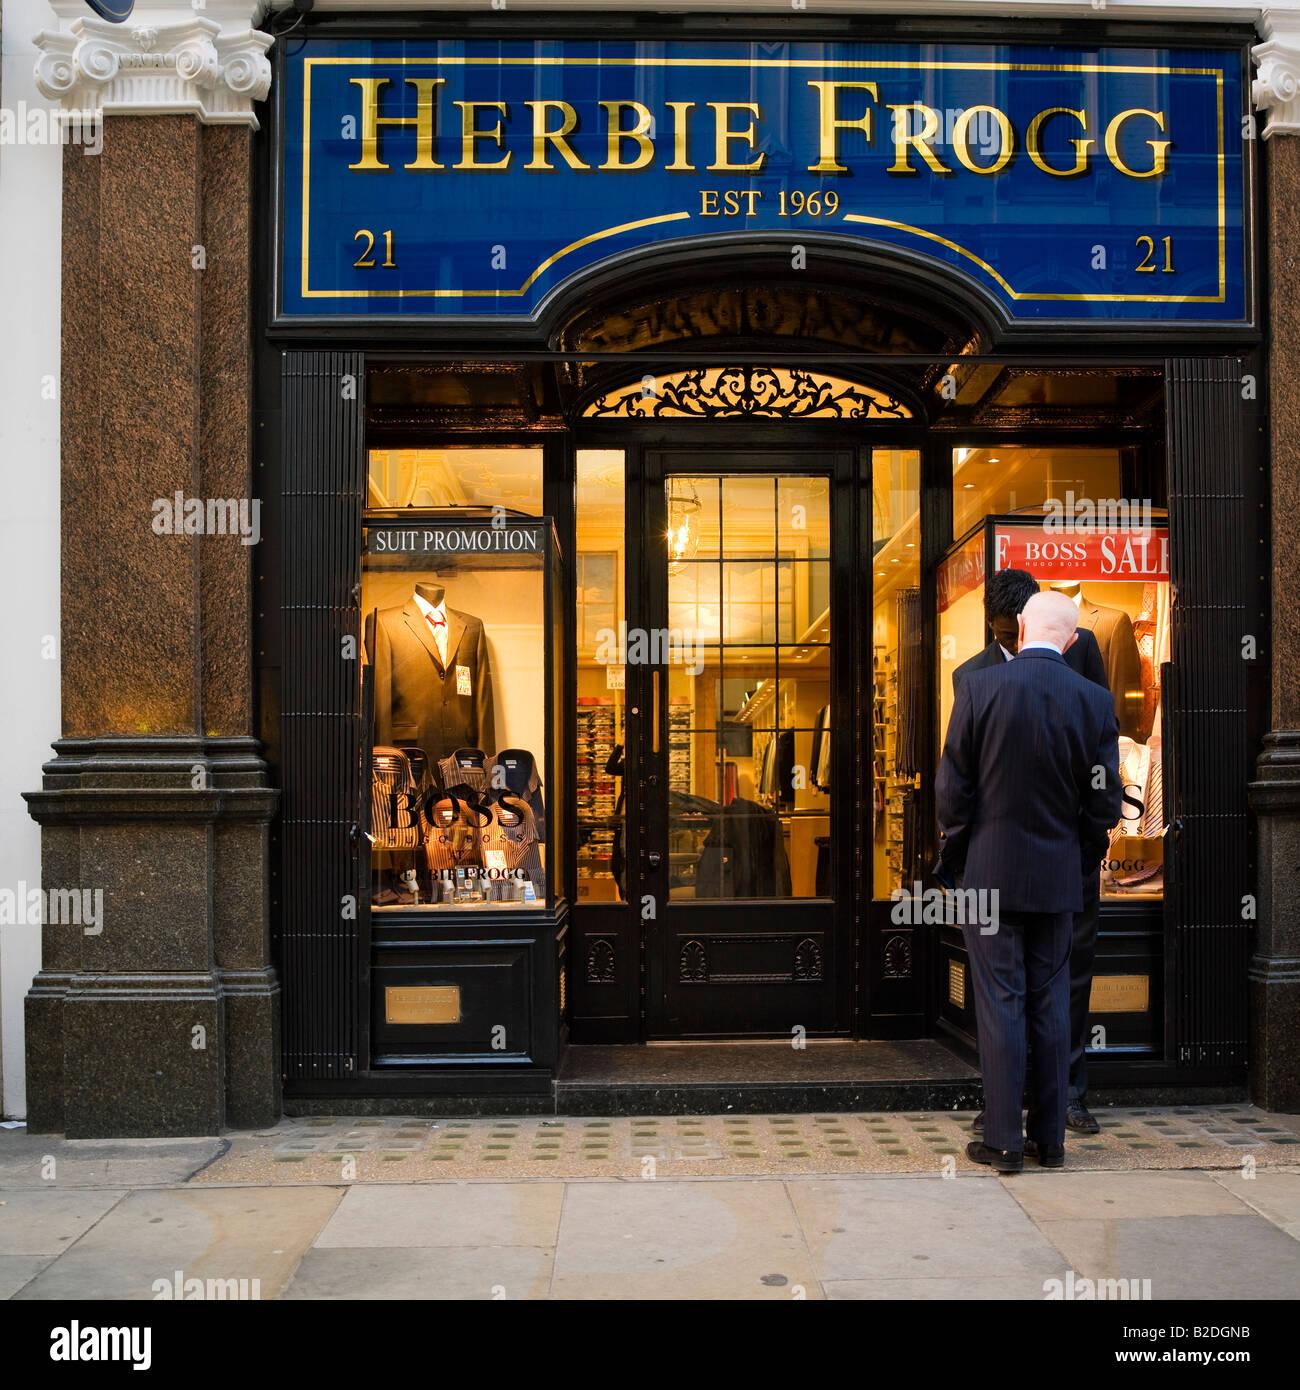 Herbie Frogg Bespoke Suit Outfitters Jermyn Street London ...